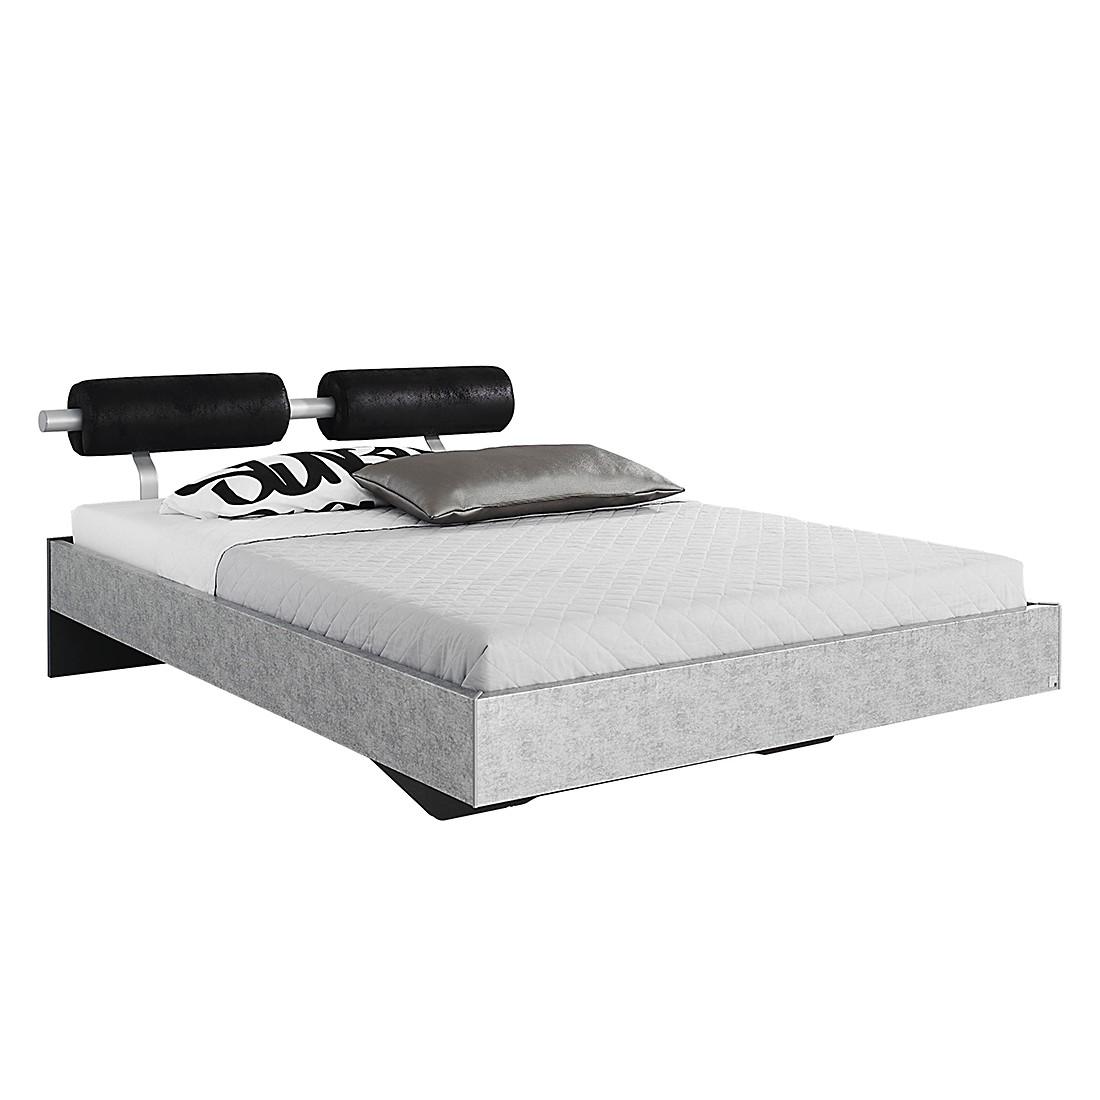 goedkoop Bed Workbase IV zilveren plaat zwart Buffalo kunstleer 180 x 200cm Rauch Select